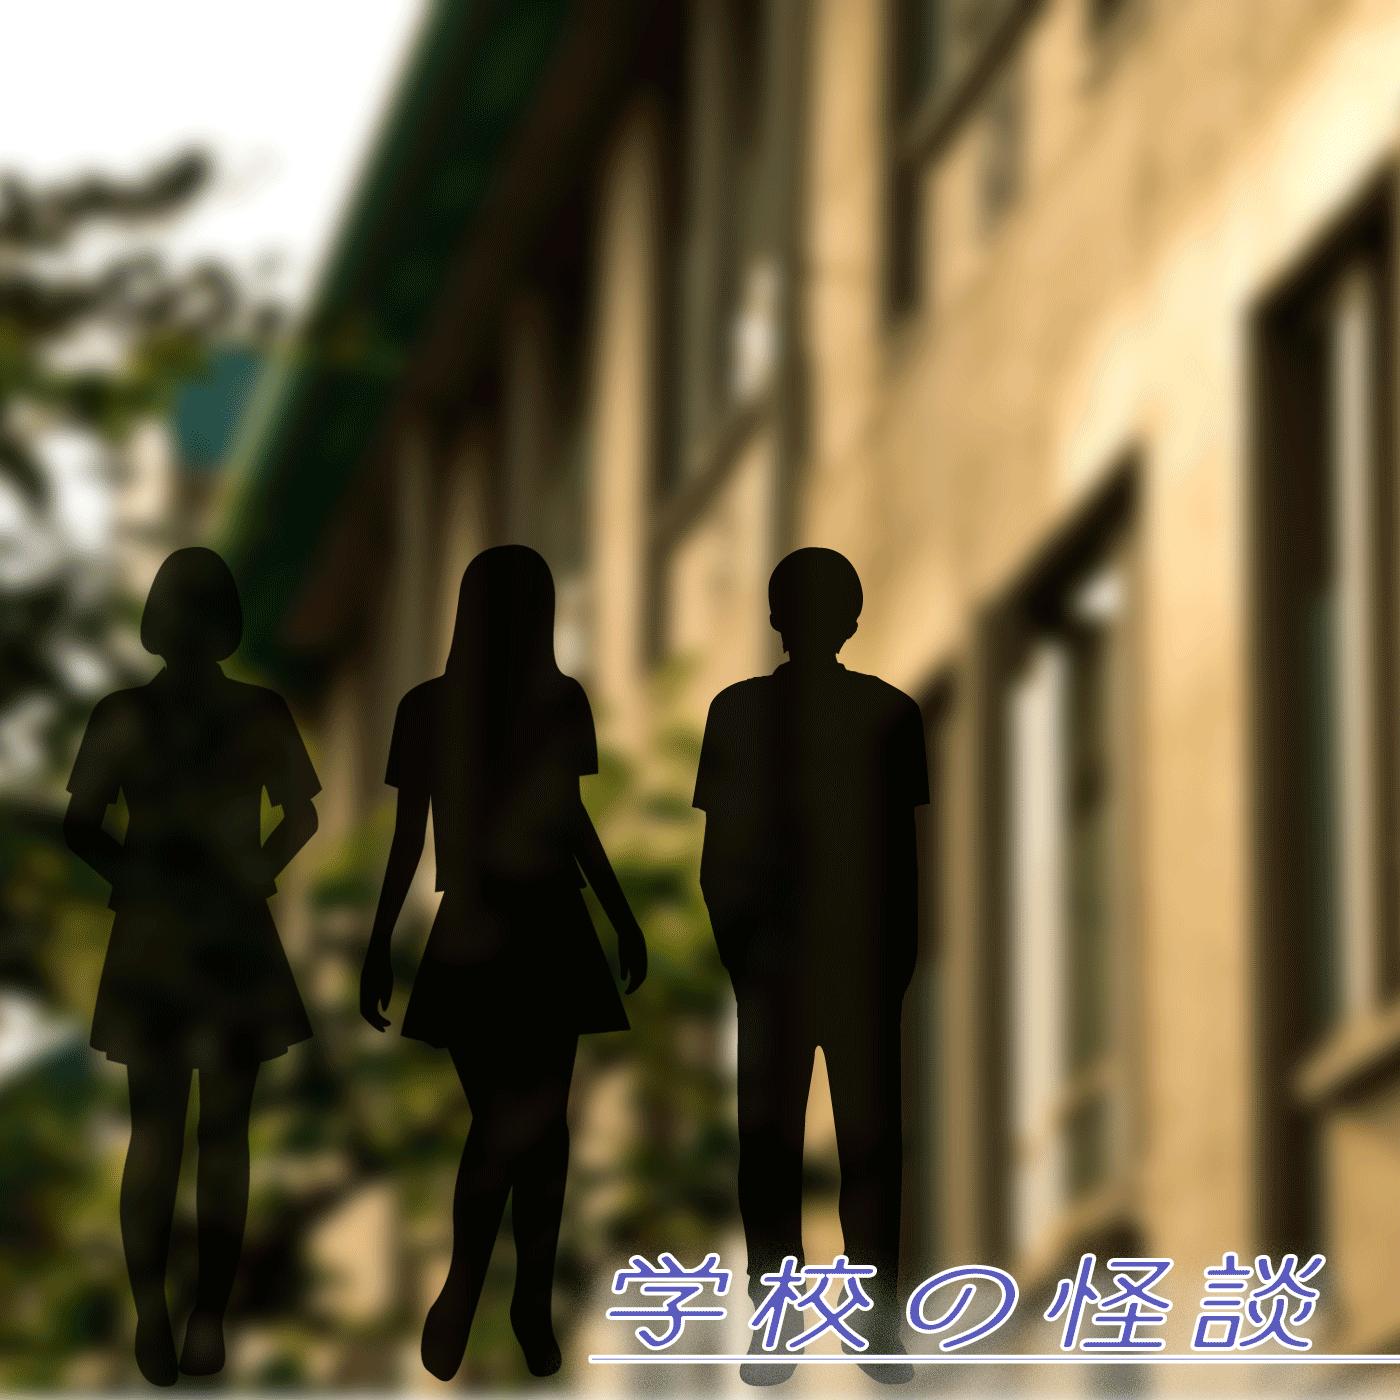 オーディオドラマ「学校の怪談」